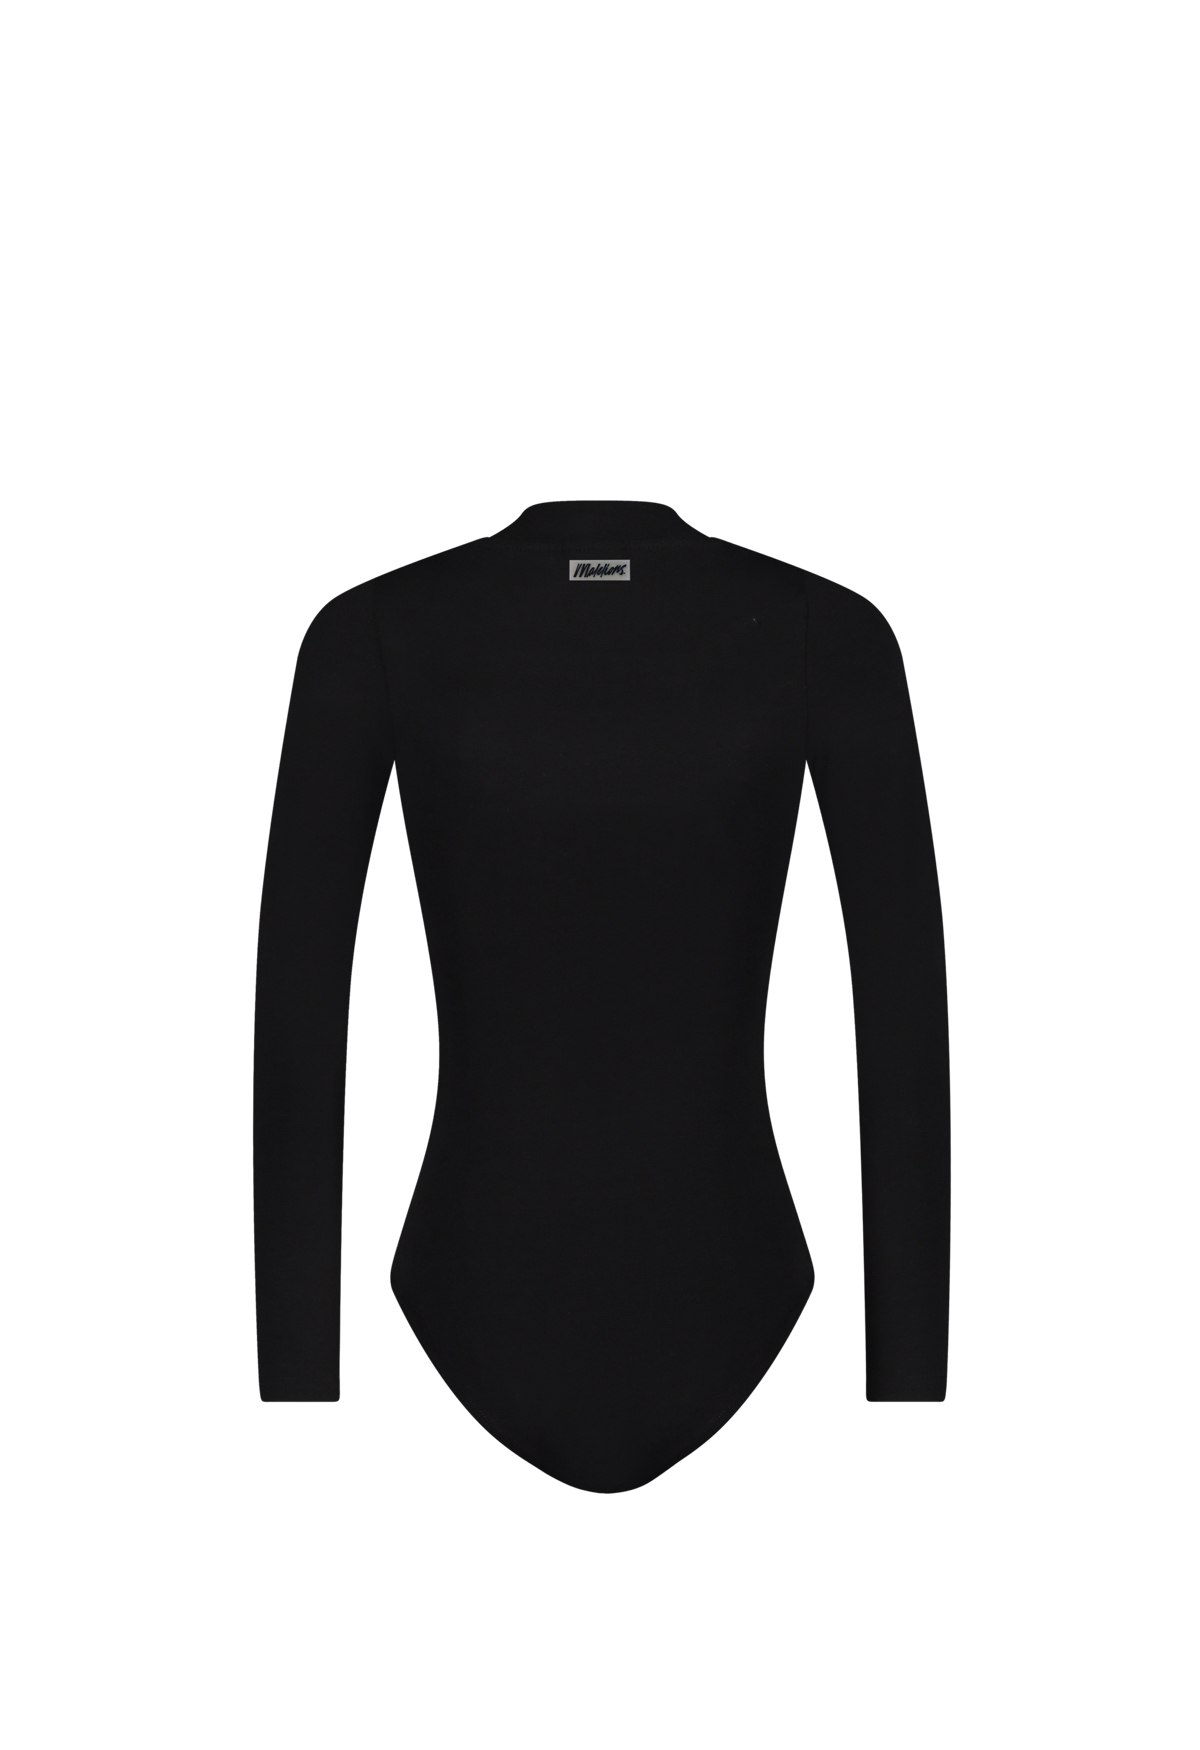 Malelions Women Bodysuit – Black